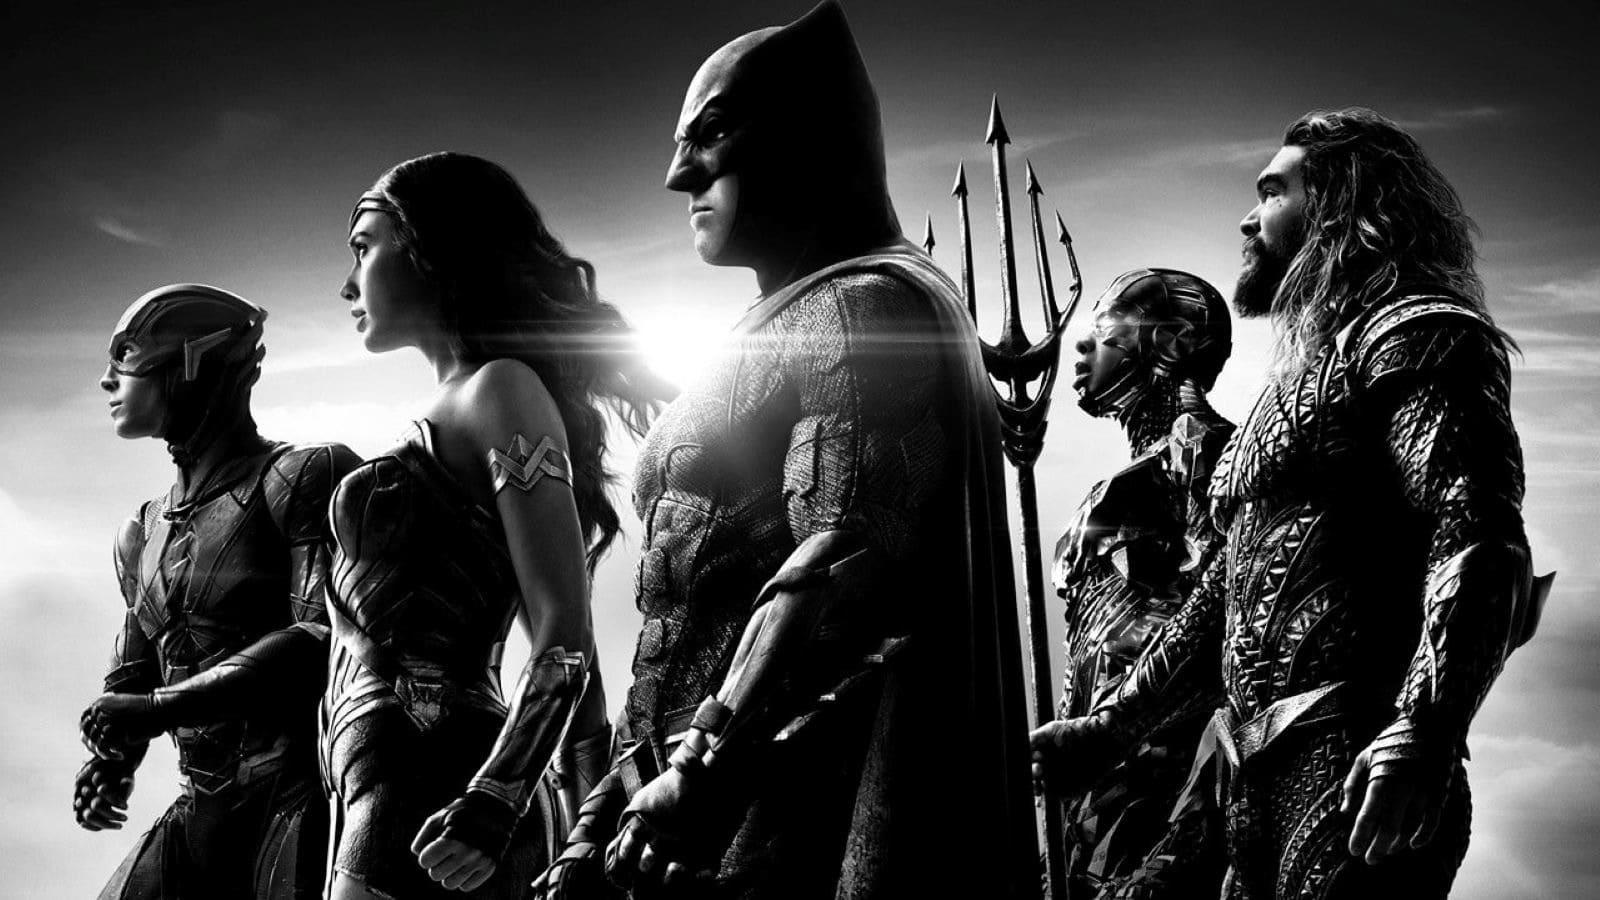 Liga da Justiça de Zack Snyder: Tudo que você precisa saber sobre o #SnyderCut